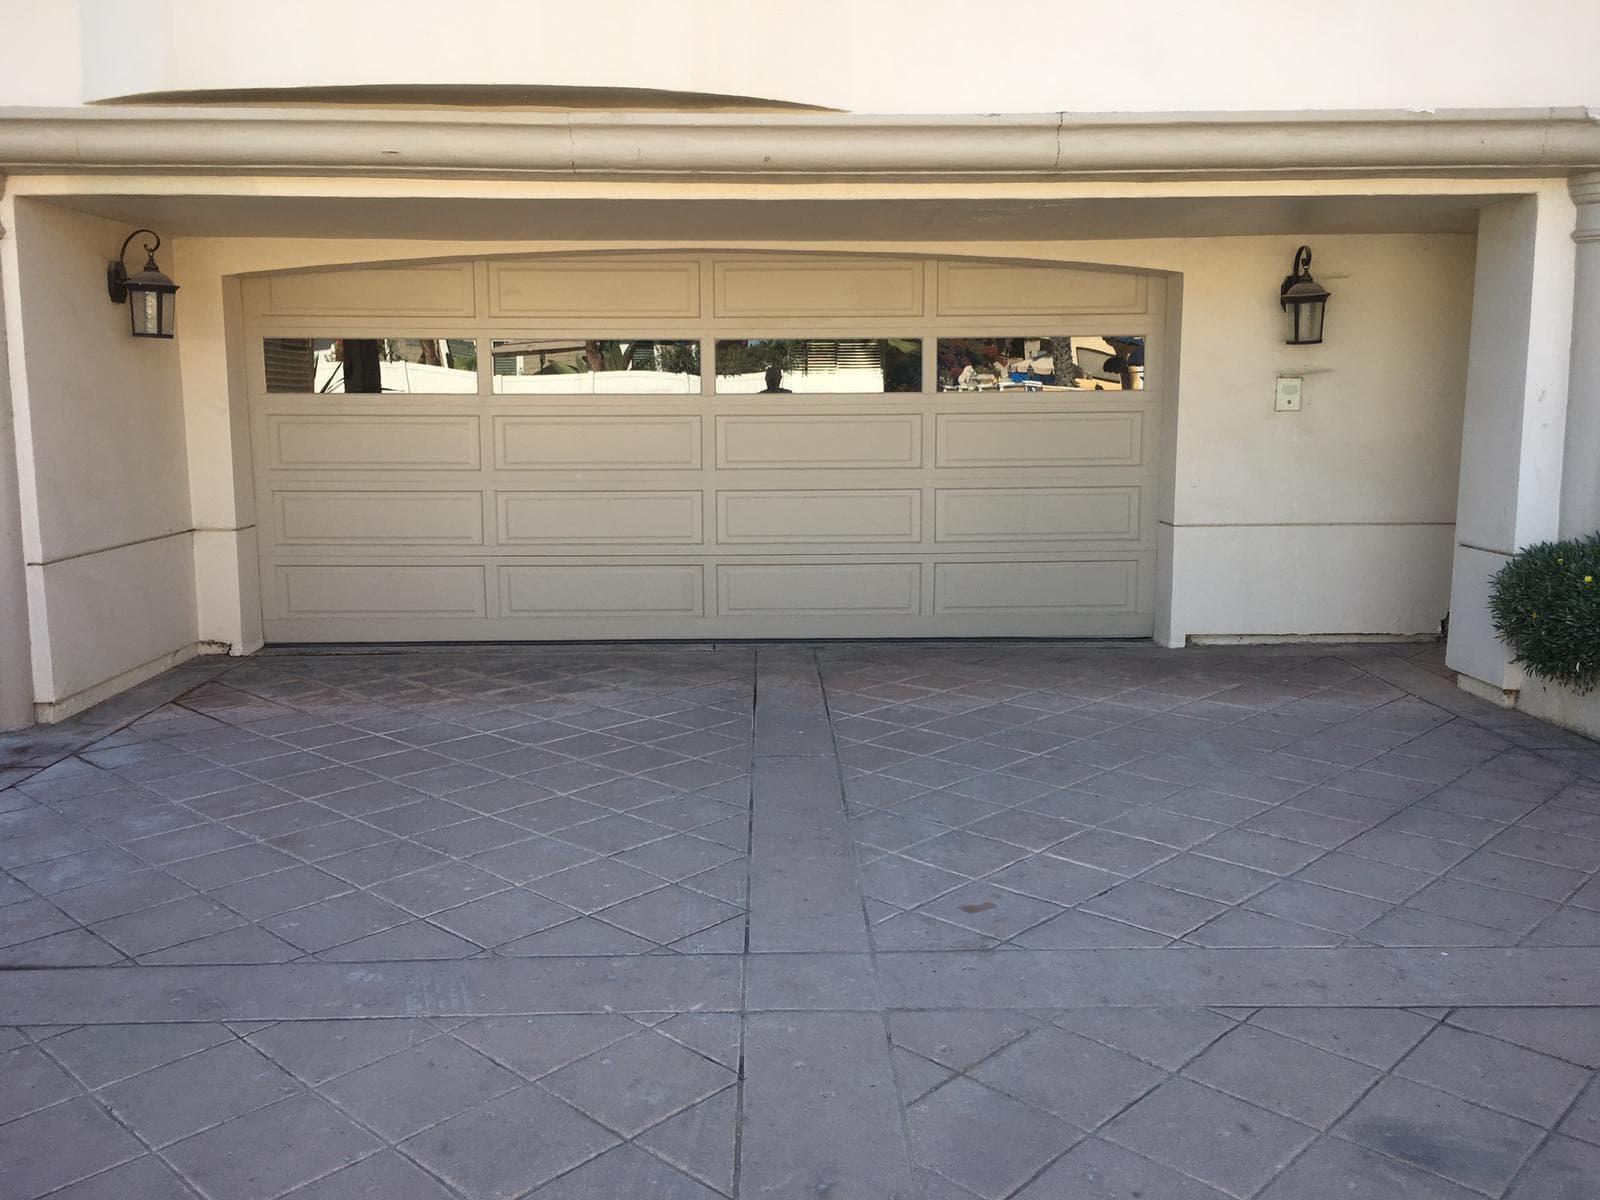 Ripon Garage door repair and replacement